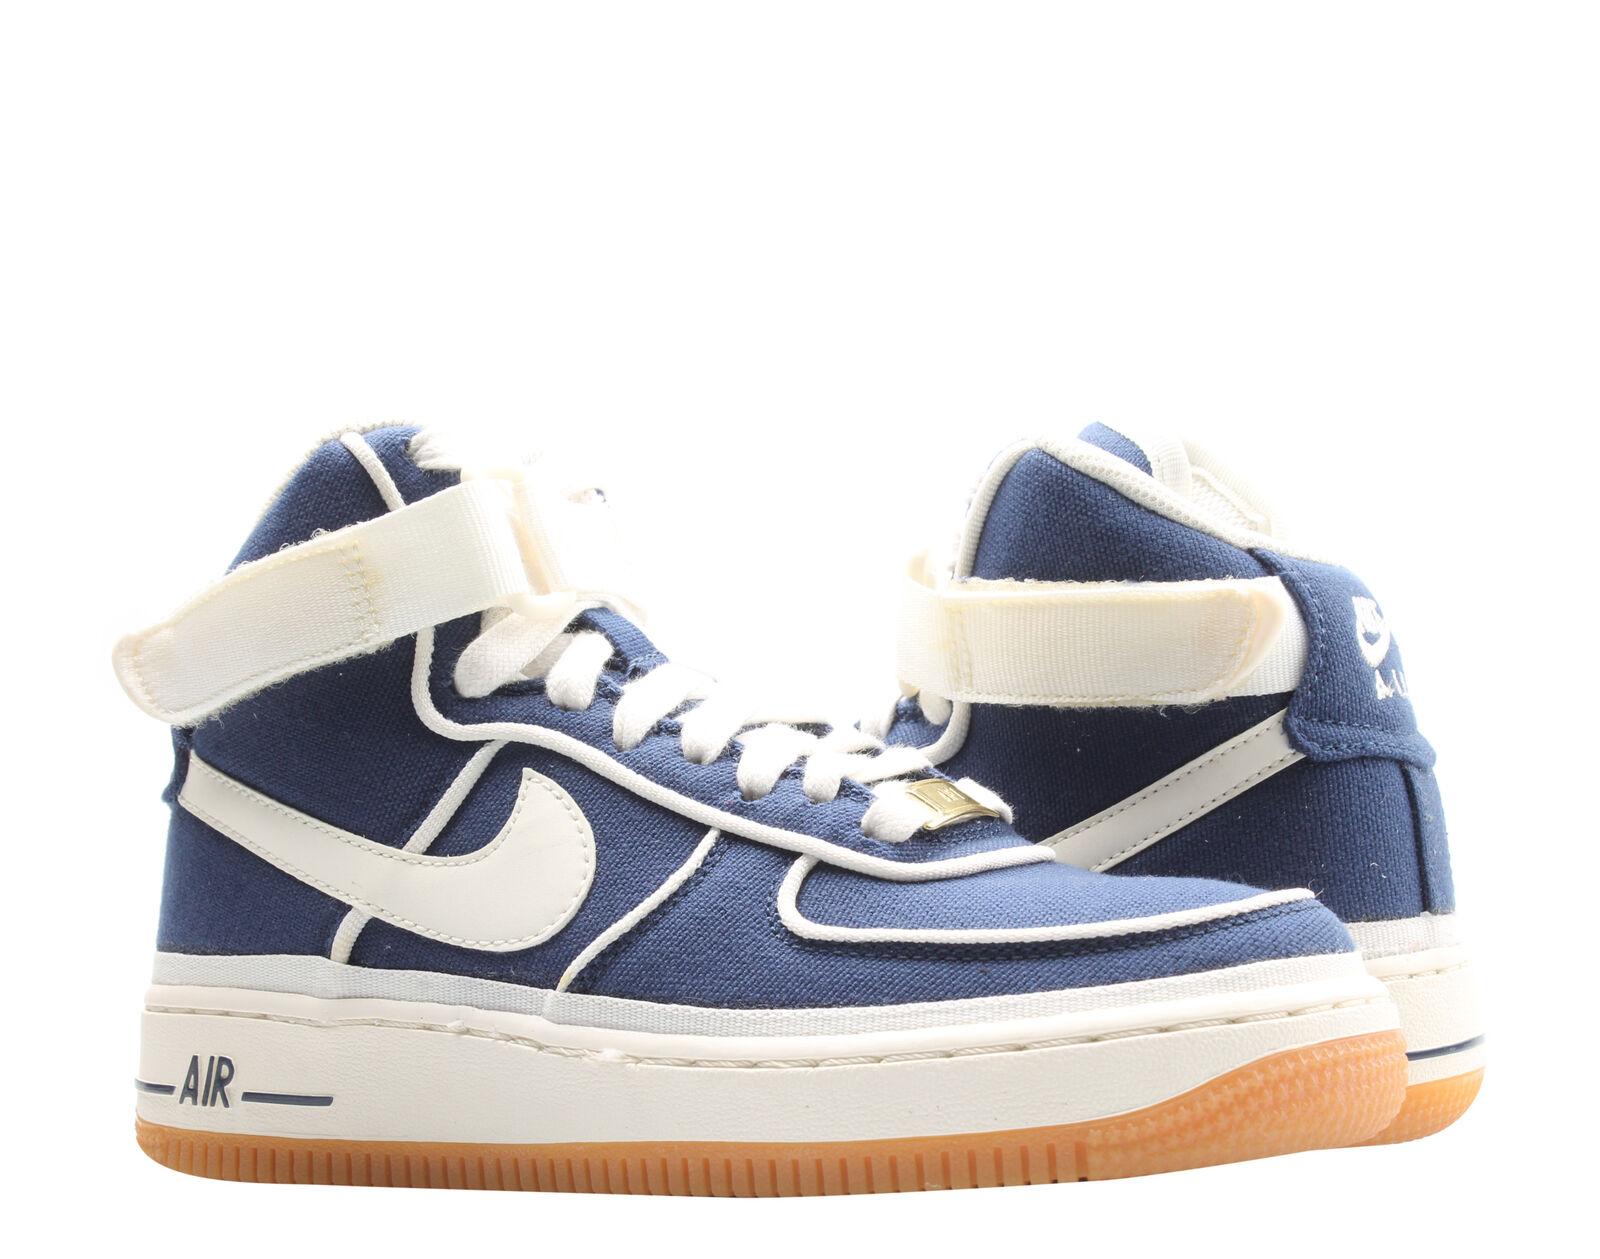 Nike Air Force 1 High LV8 (GS) Binary